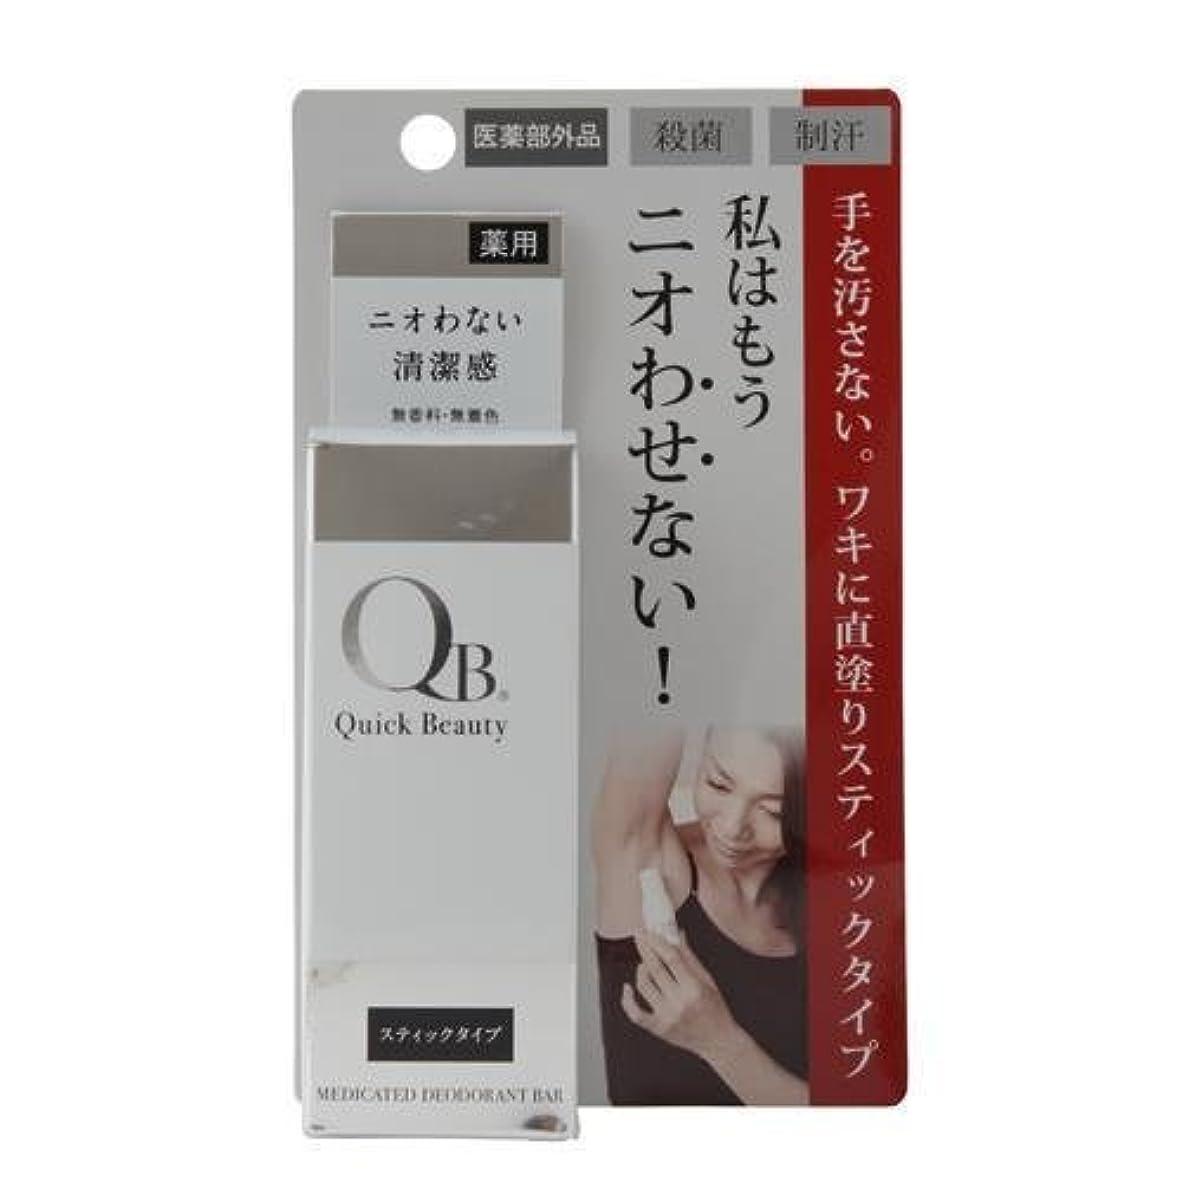 国籍人生を作る高くQB 薬用デオドラントクリーム スティックタイプ 20g